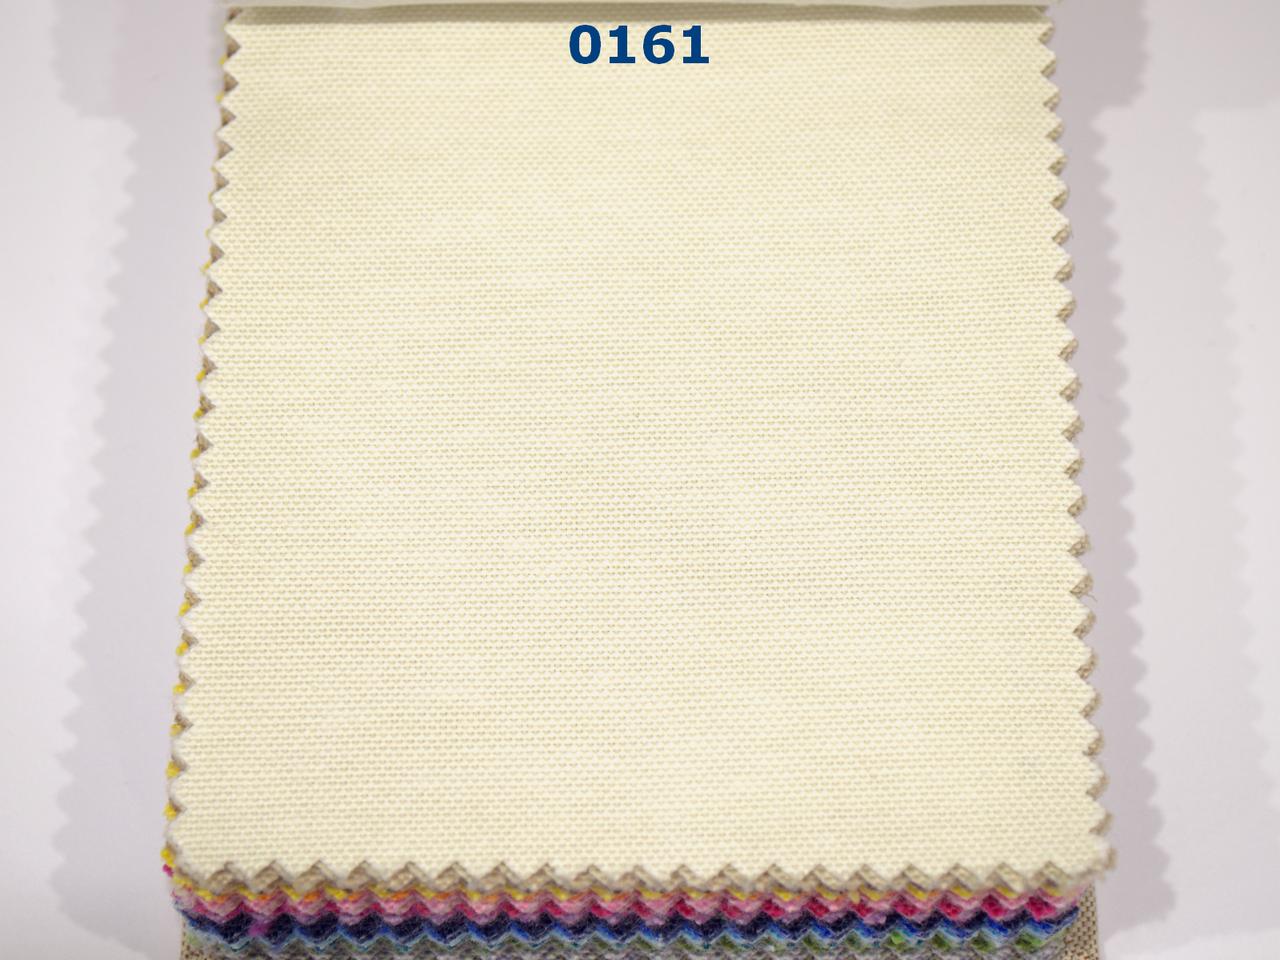 Тканина для Скатертин Шампань з просоченням Тефлон-180 Однотонна Туреччина 180см ширина